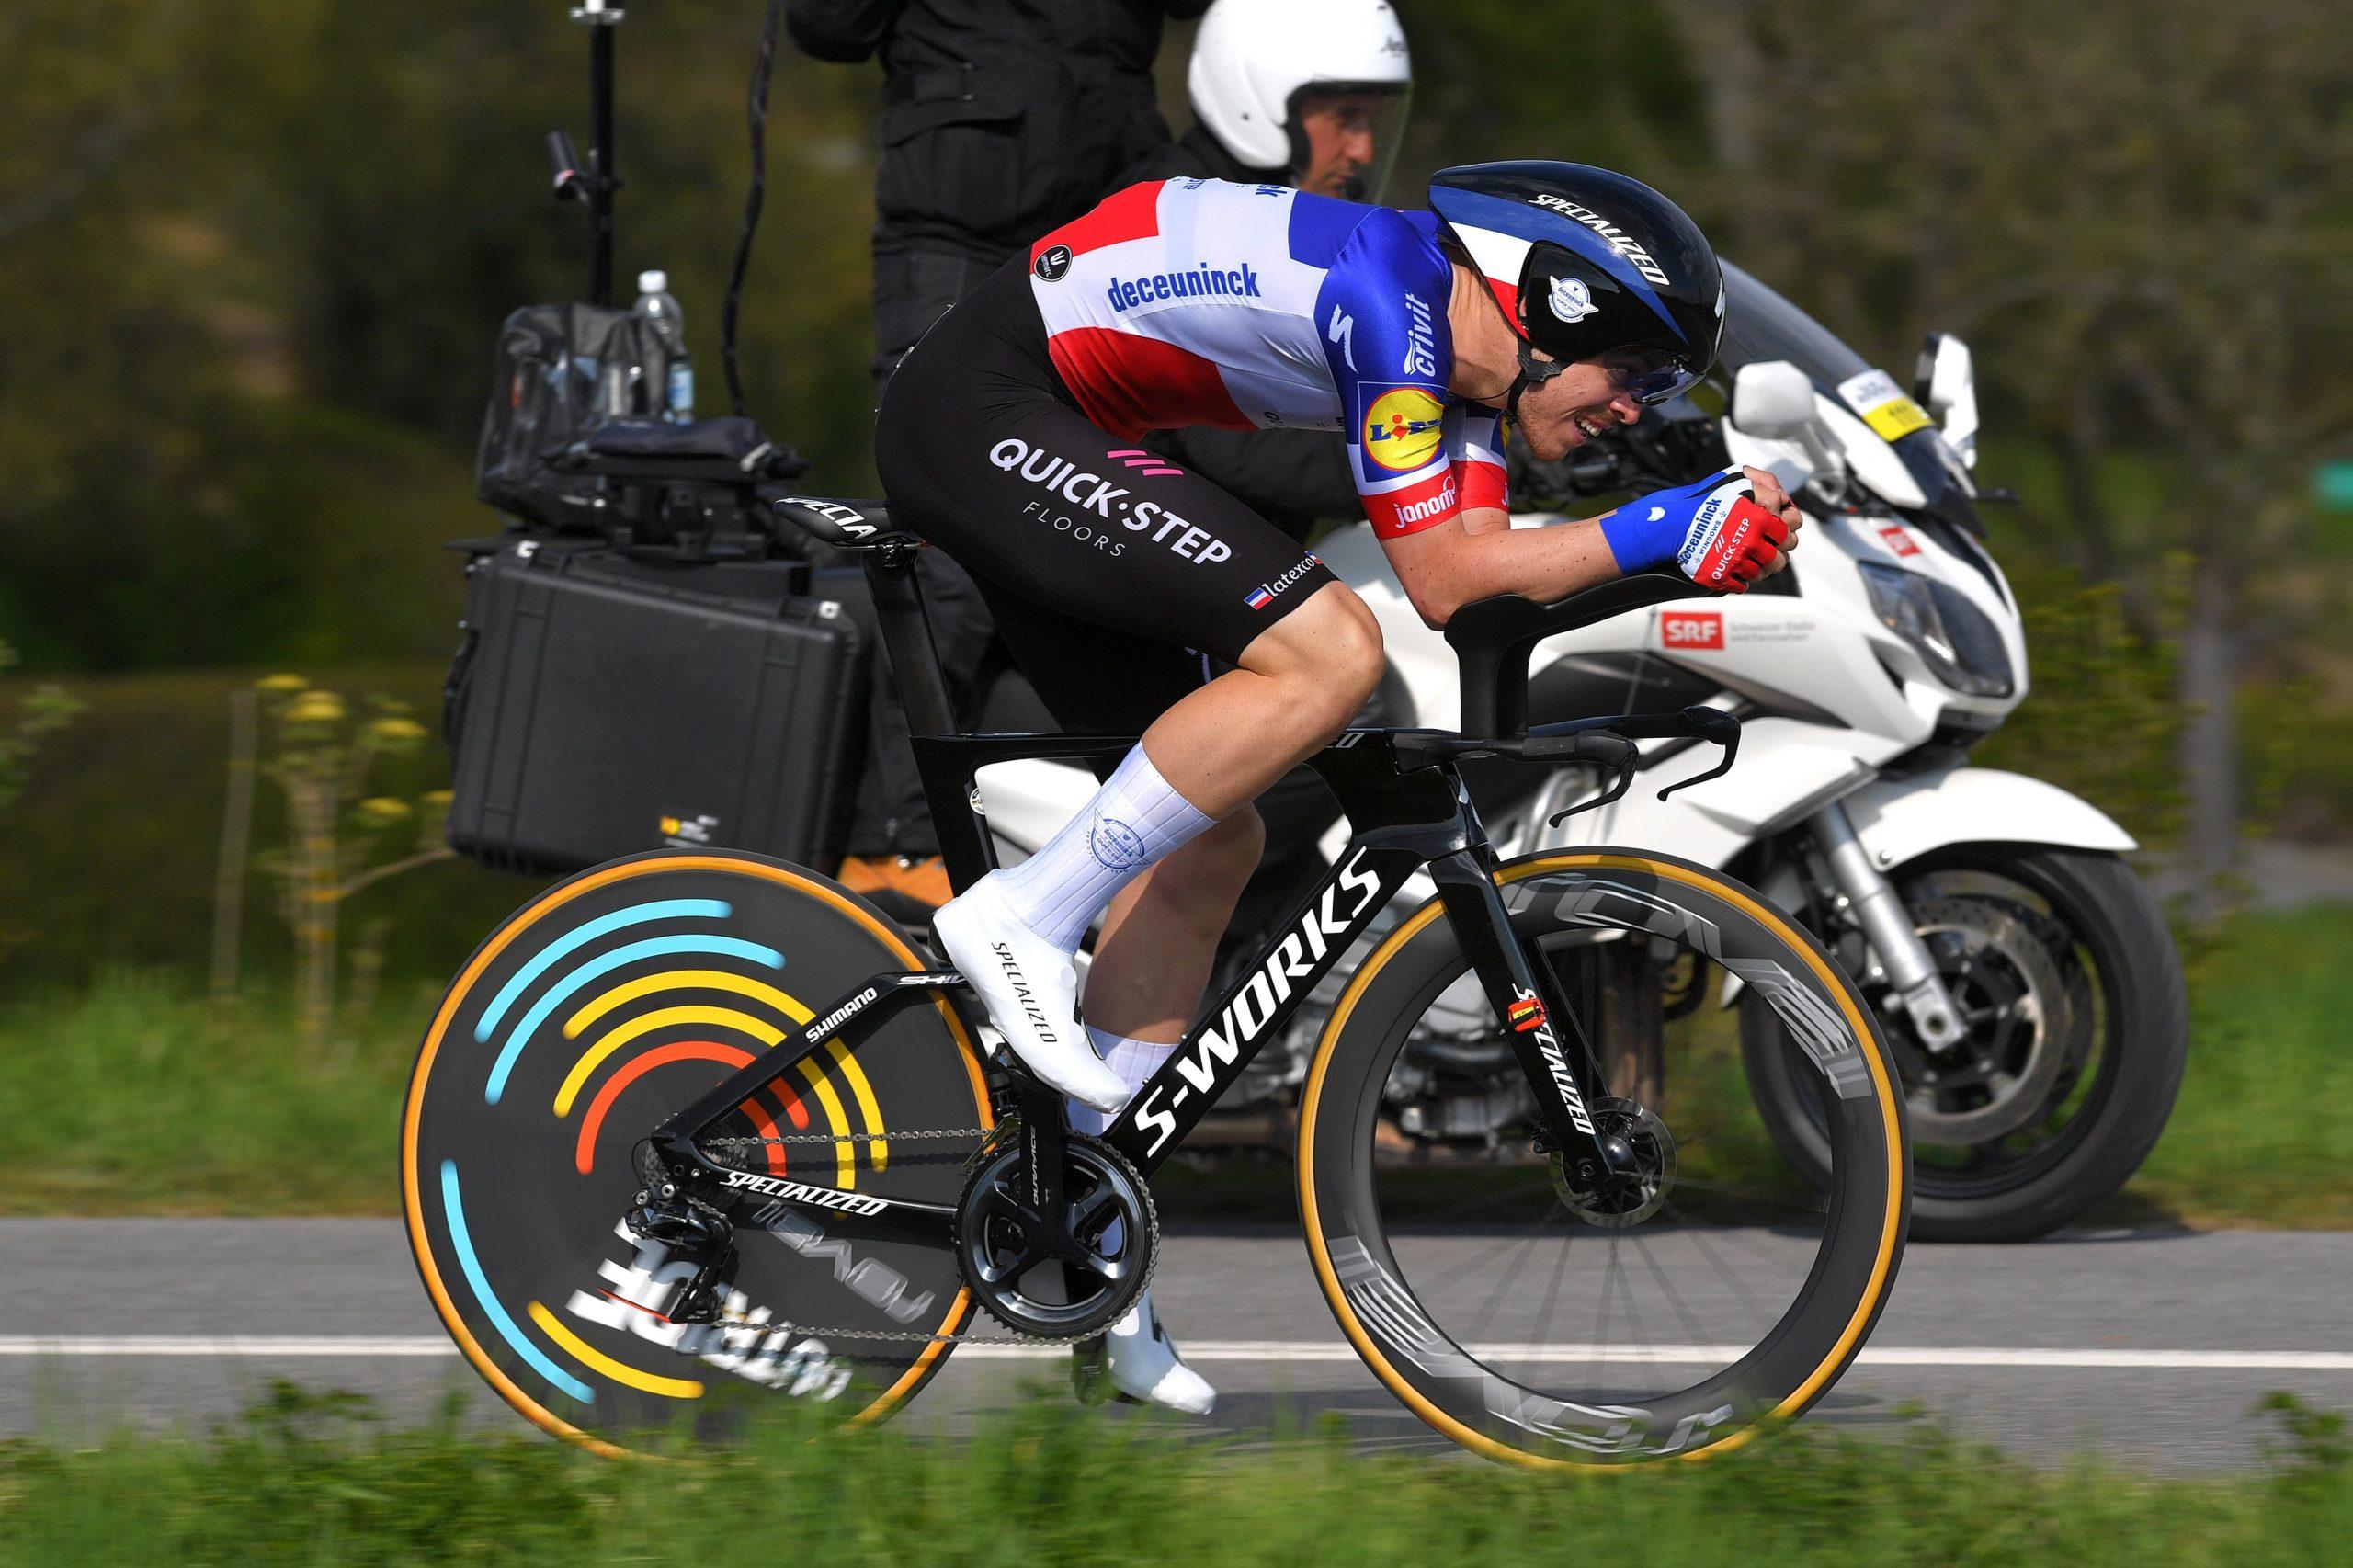 Primeira vitória para Cavagna com as cores de França no World Tour! Geraint Thomas de regresso aos triunfos em provas por etapas!